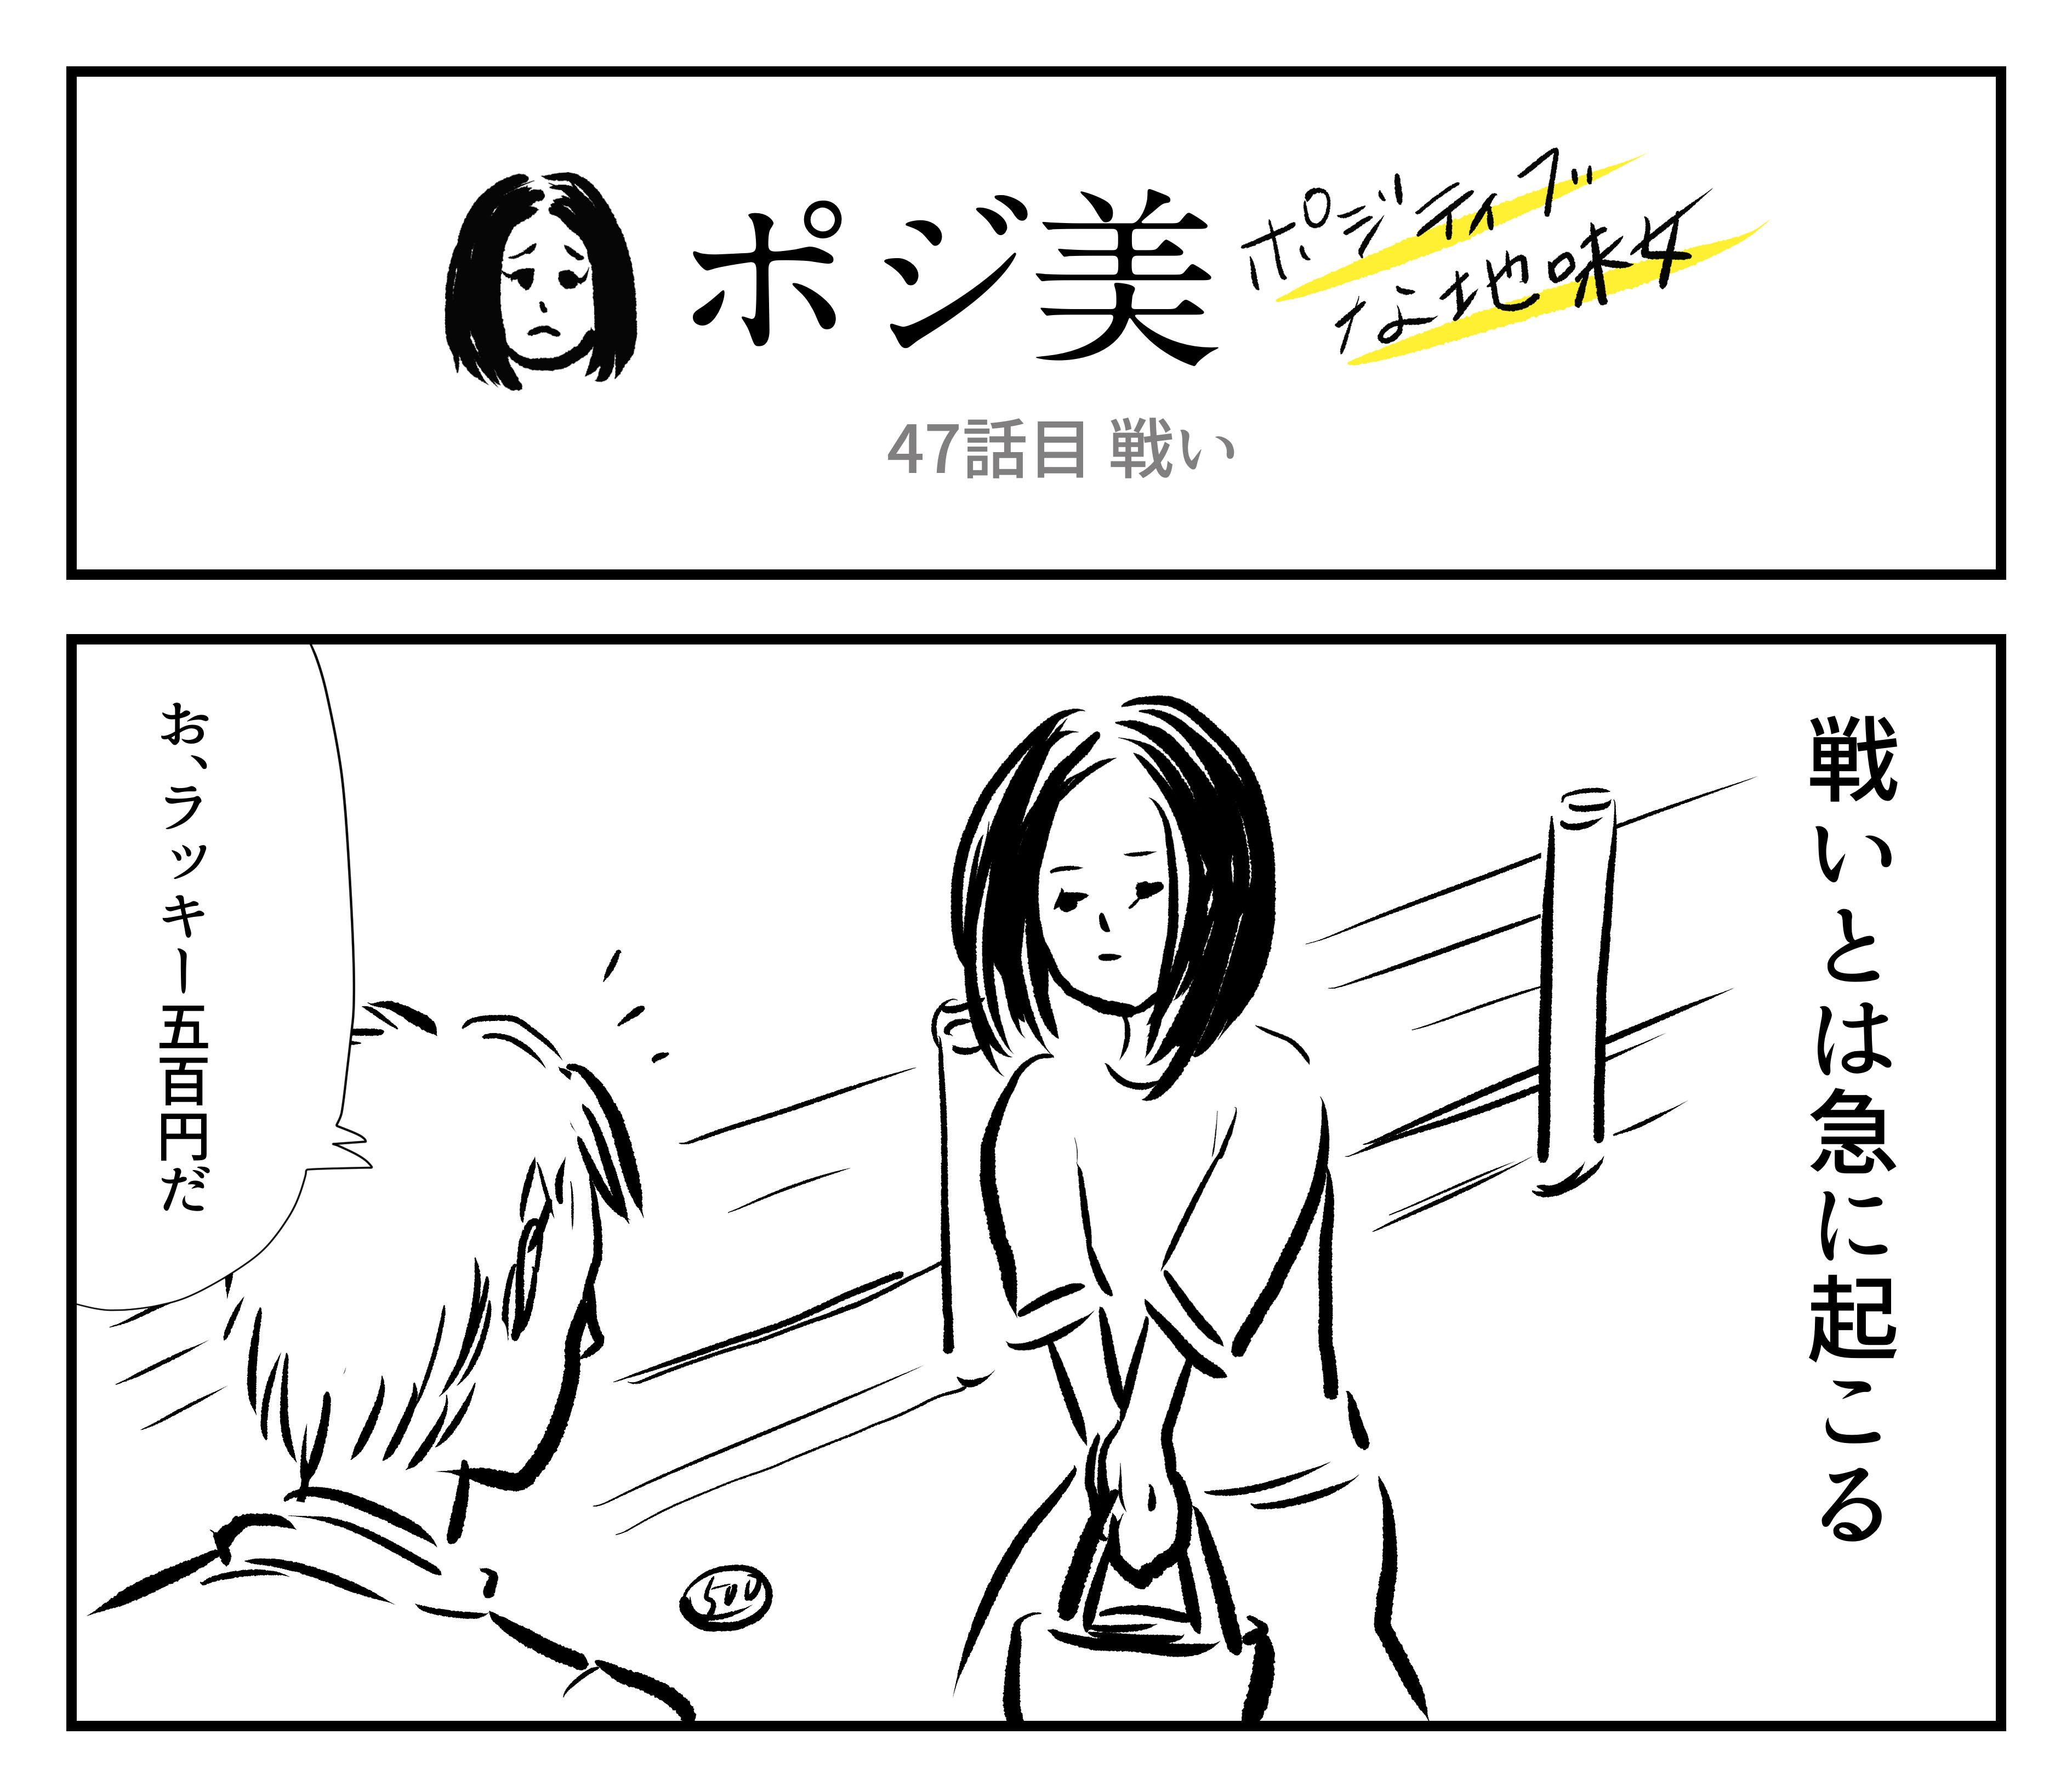 【2コマ】ポジ美 47話目「戦い」